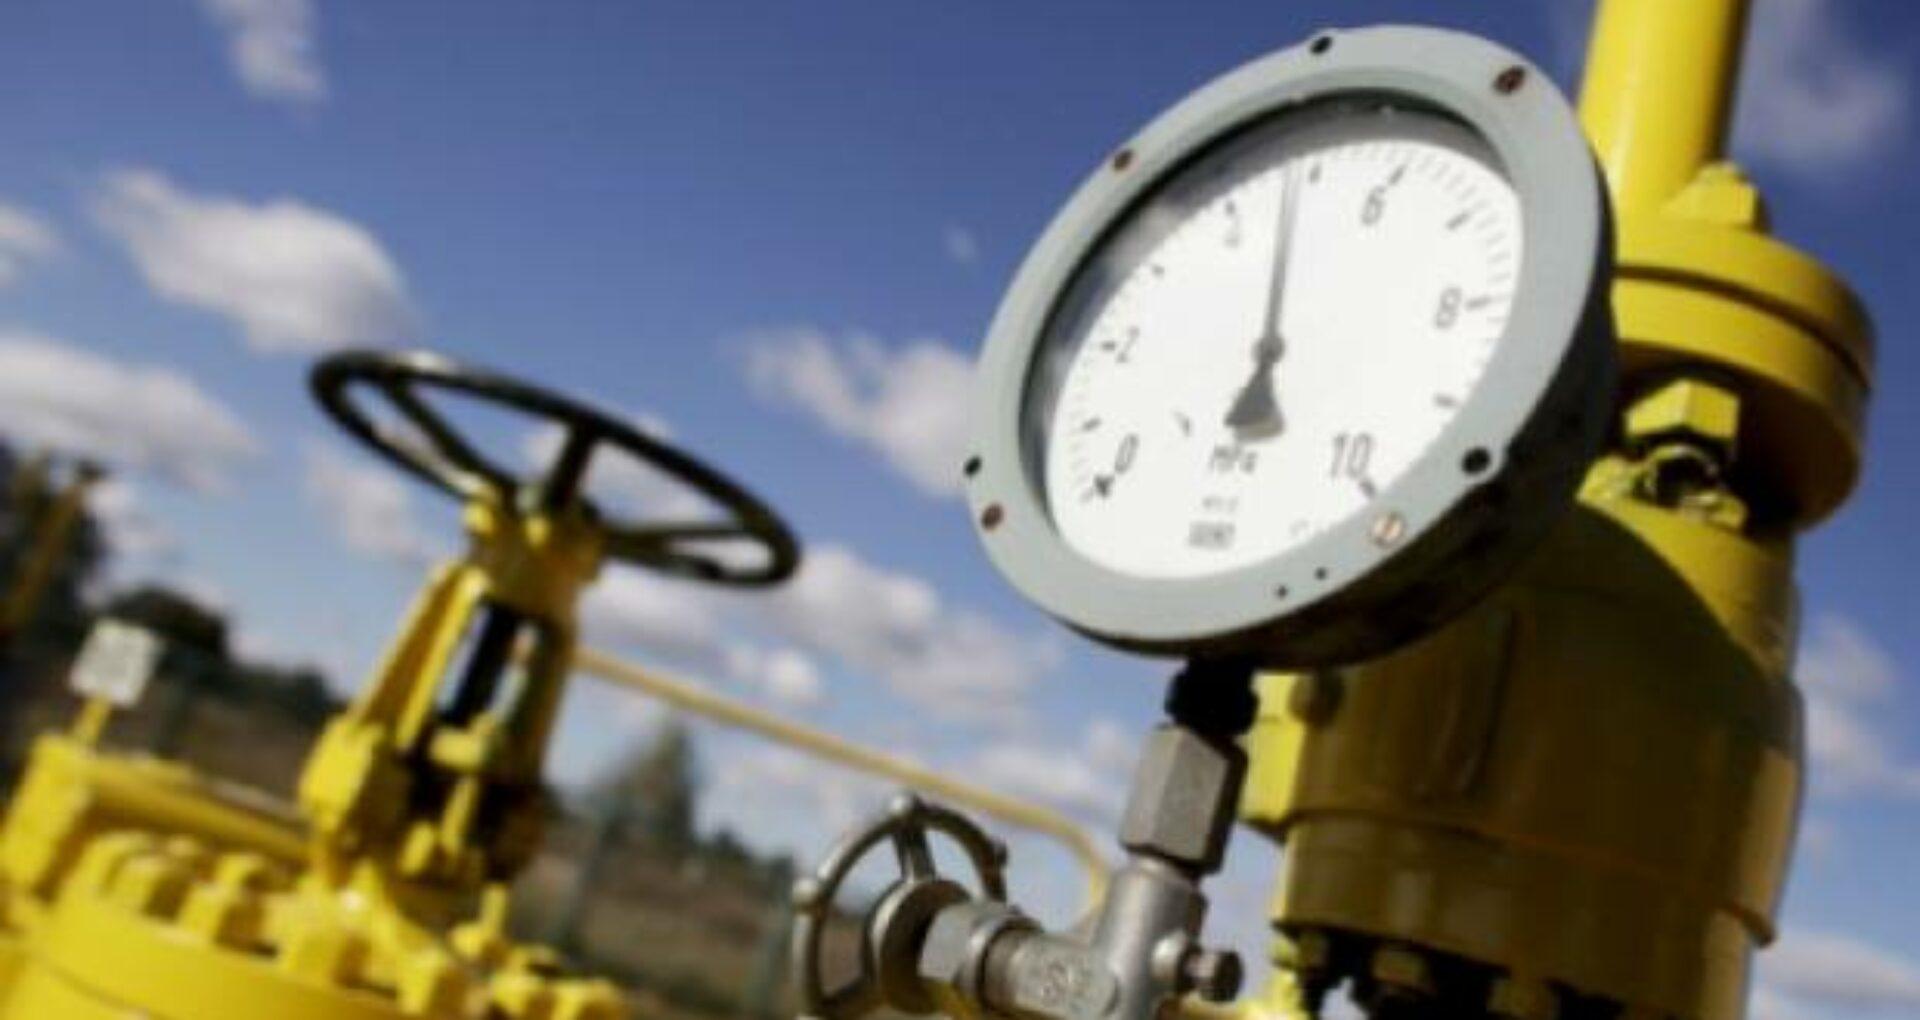 Riscul ca R. Moldova să înceapă anul 2020 fără aprovizionare cu gaze naturale: Ce spun experții și autoritățile